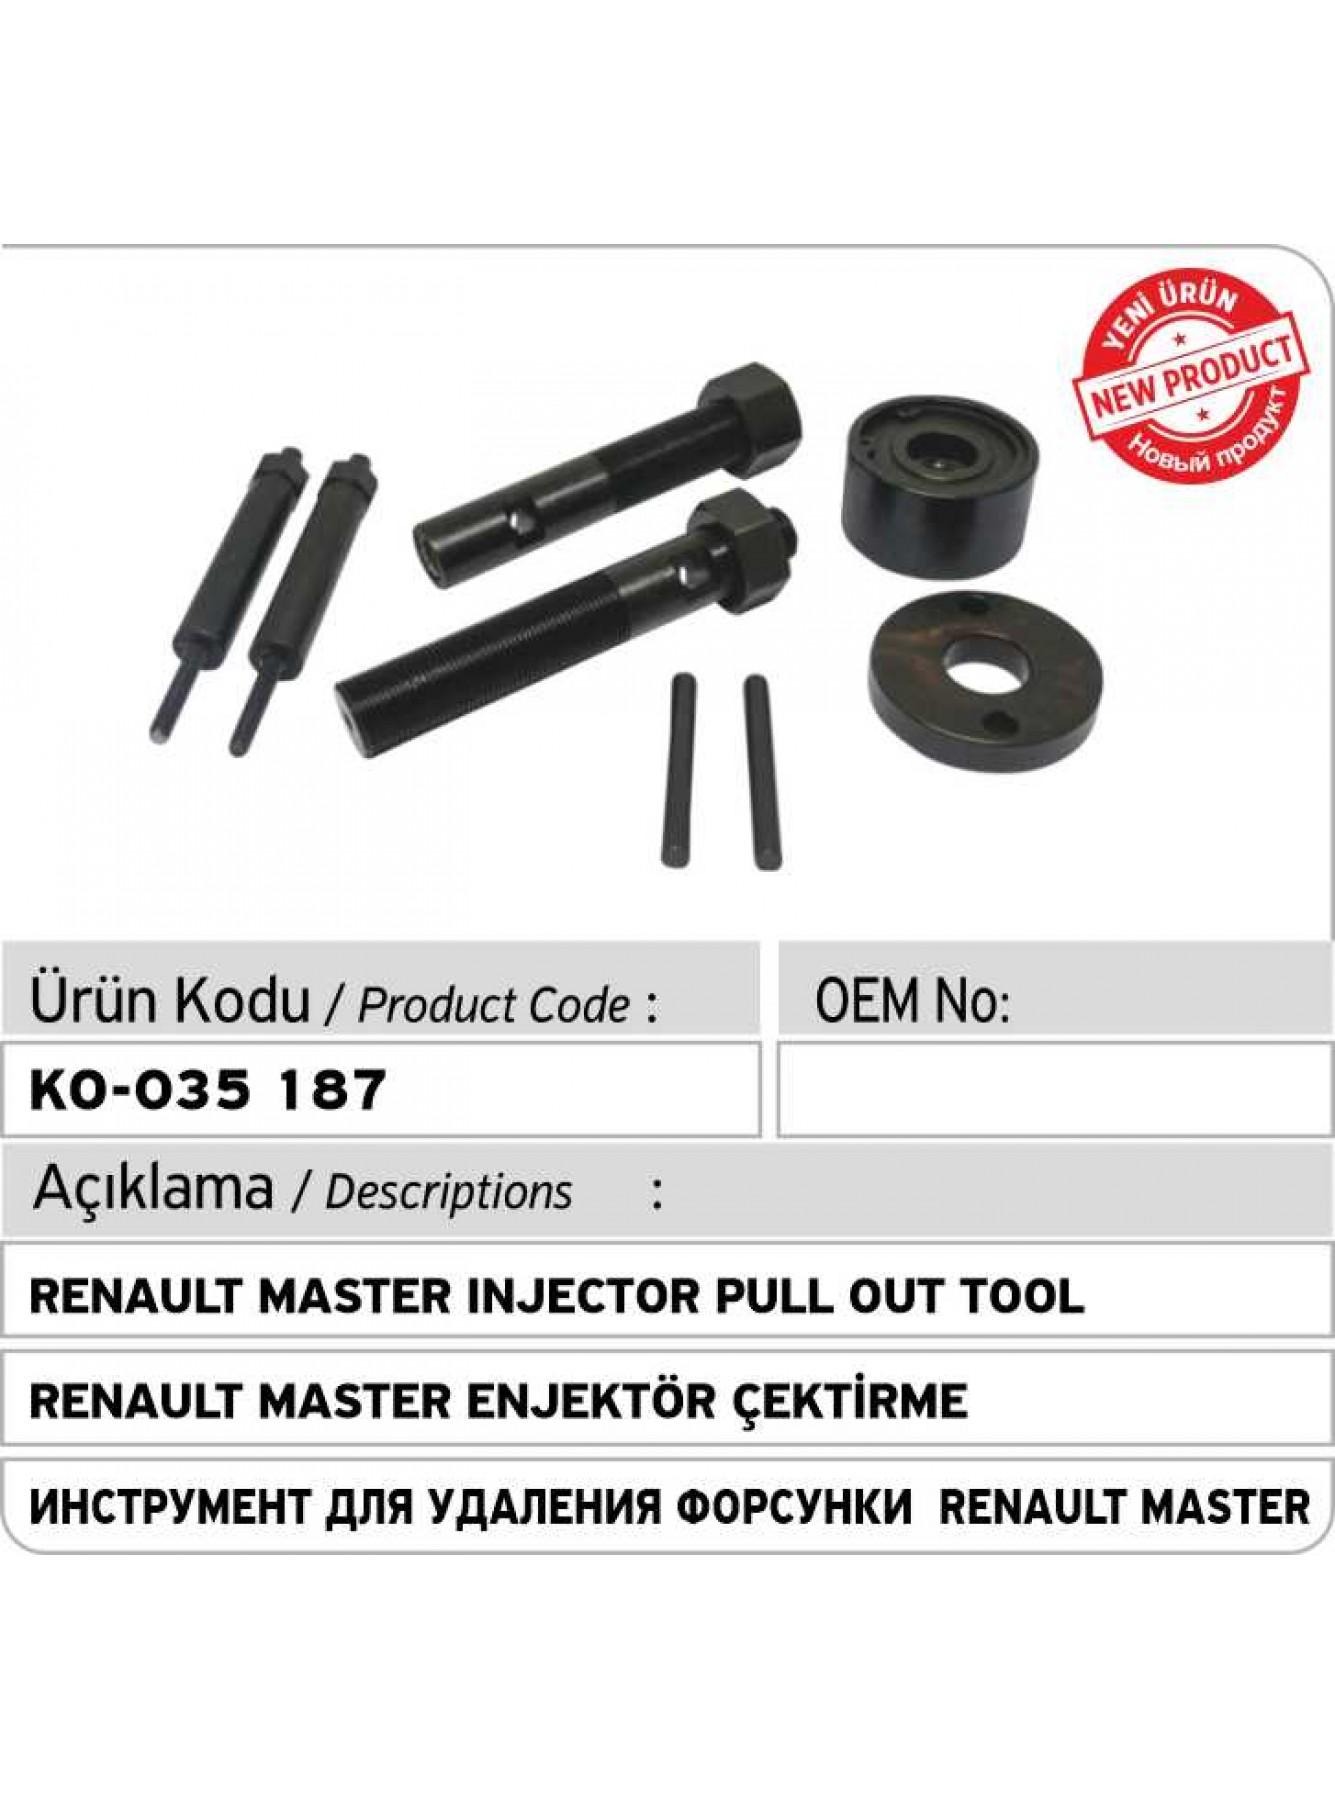 Инструмент для удаления форсунки Renault Master